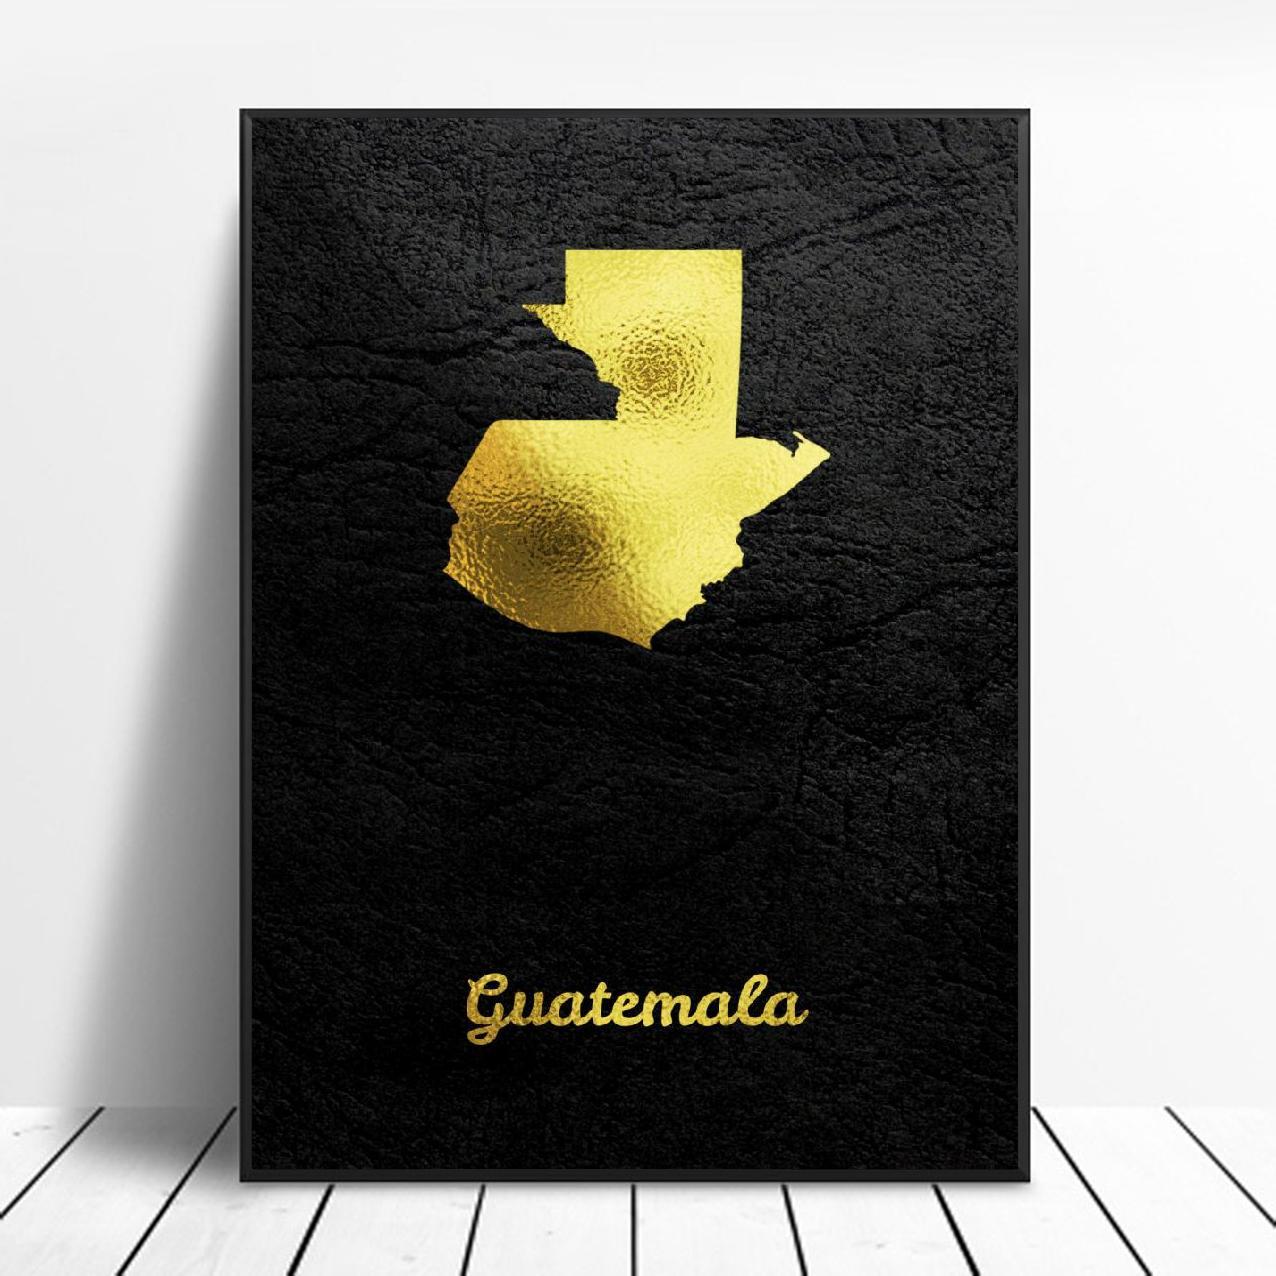 Pintura en lienzo con mapa dorado de Guatemala, impresión artística, póster, pared moderna, minimalista, decoración para dormitorio y sala de estar